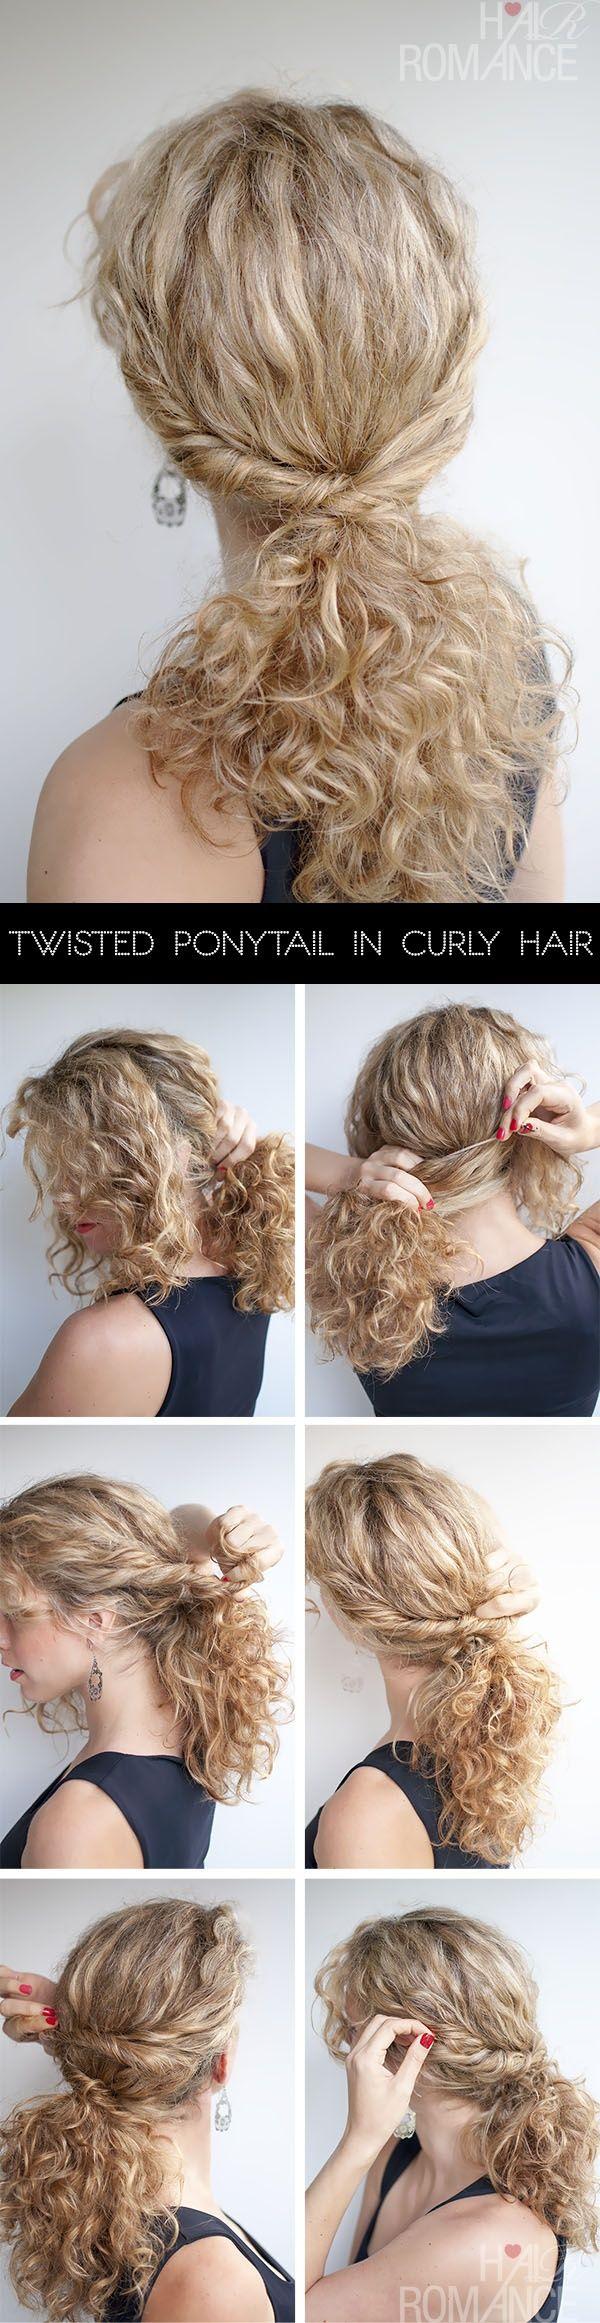 Δεν ξέρω αν το έχετε ακούσει ποτέ, αλλά αντίθετα από τα φαινόμενα τα σγουρά μαλλιά, είναι πιο εύκολα στο χειρισμό τους απ' ότι τα ίσια μαλλιά. Δεν το λέω εγώ, οι κομμωτές, κάτι θα ξέρουν. Τι και αν...